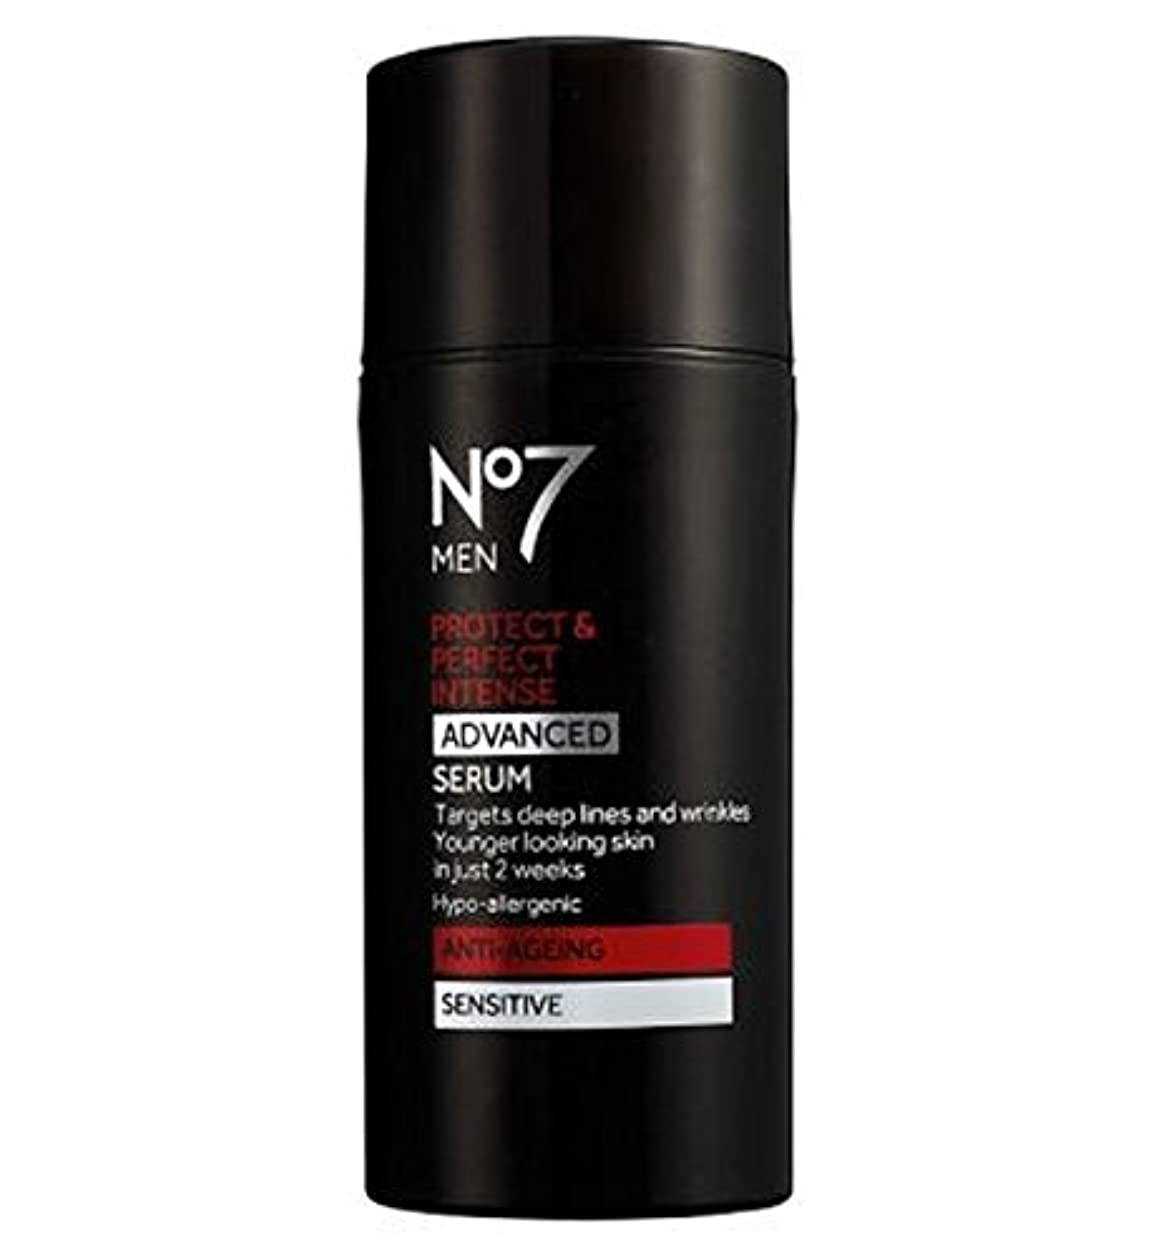 行き当たりばったり証明書落胆したNo7 Men Protect & Perfect Intense ADVANCED Serum - No7の男性は強烈な高度な血清を保護&完璧 (No7) [並行輸入品]